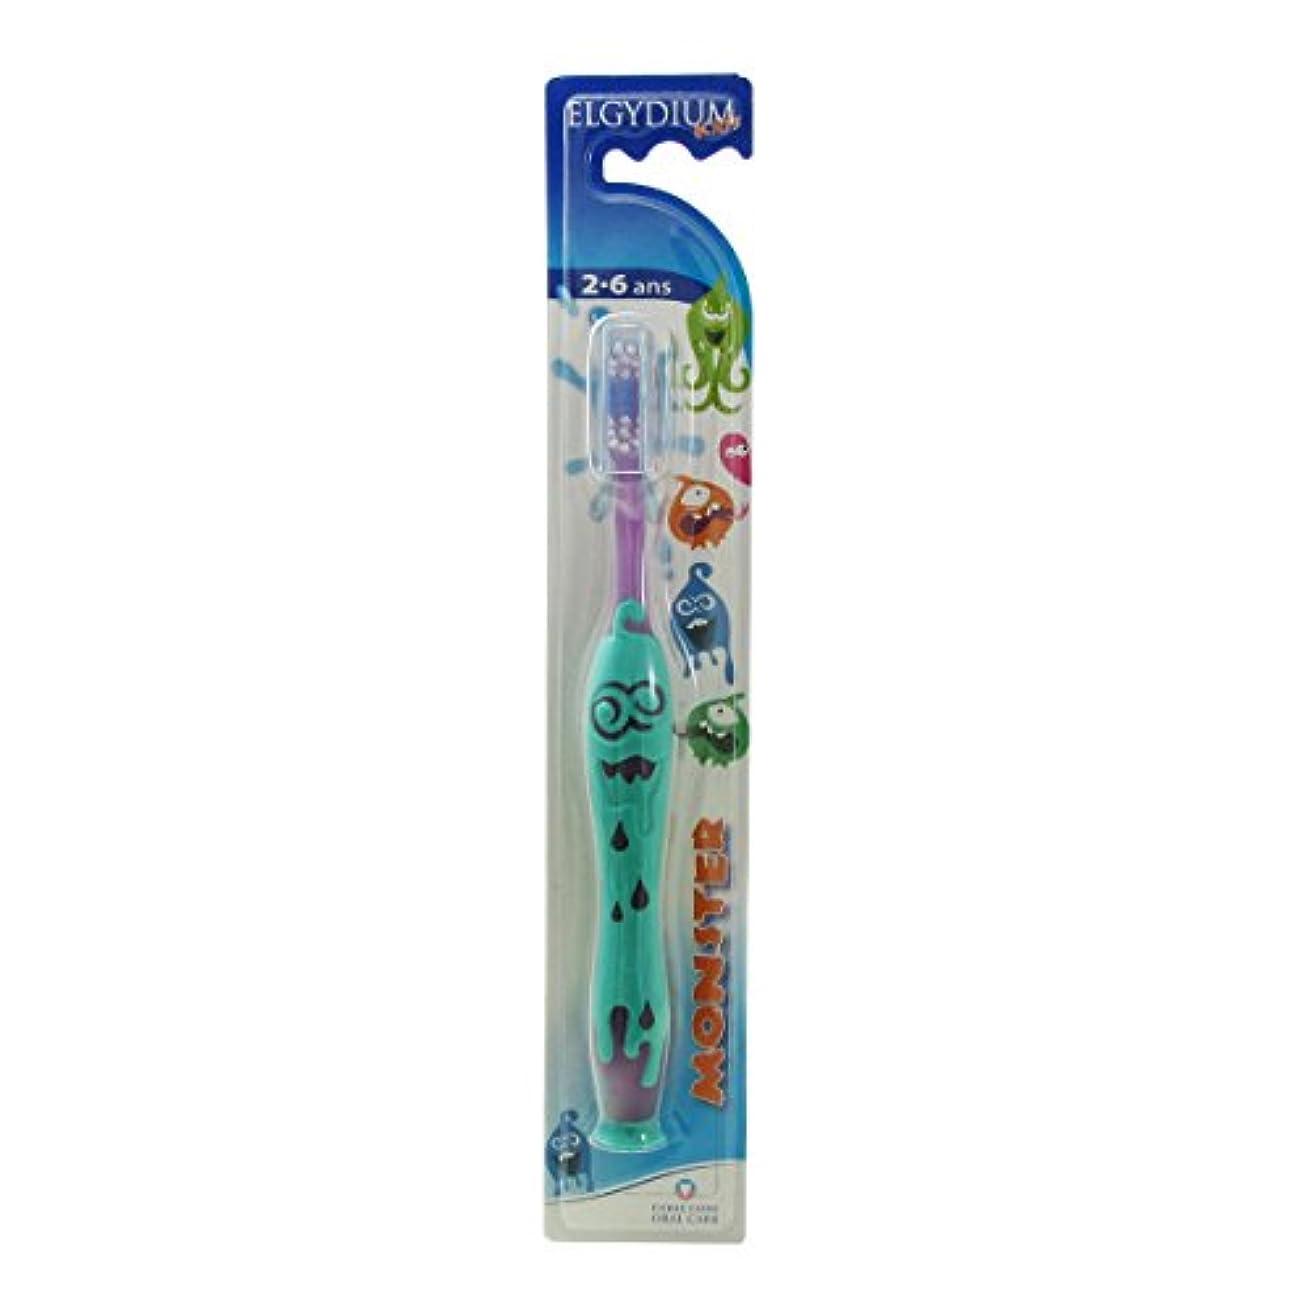 判定制限されたホームレスElgydium Kids Monster 2/6 Soft Toothbrush [並行輸入品]